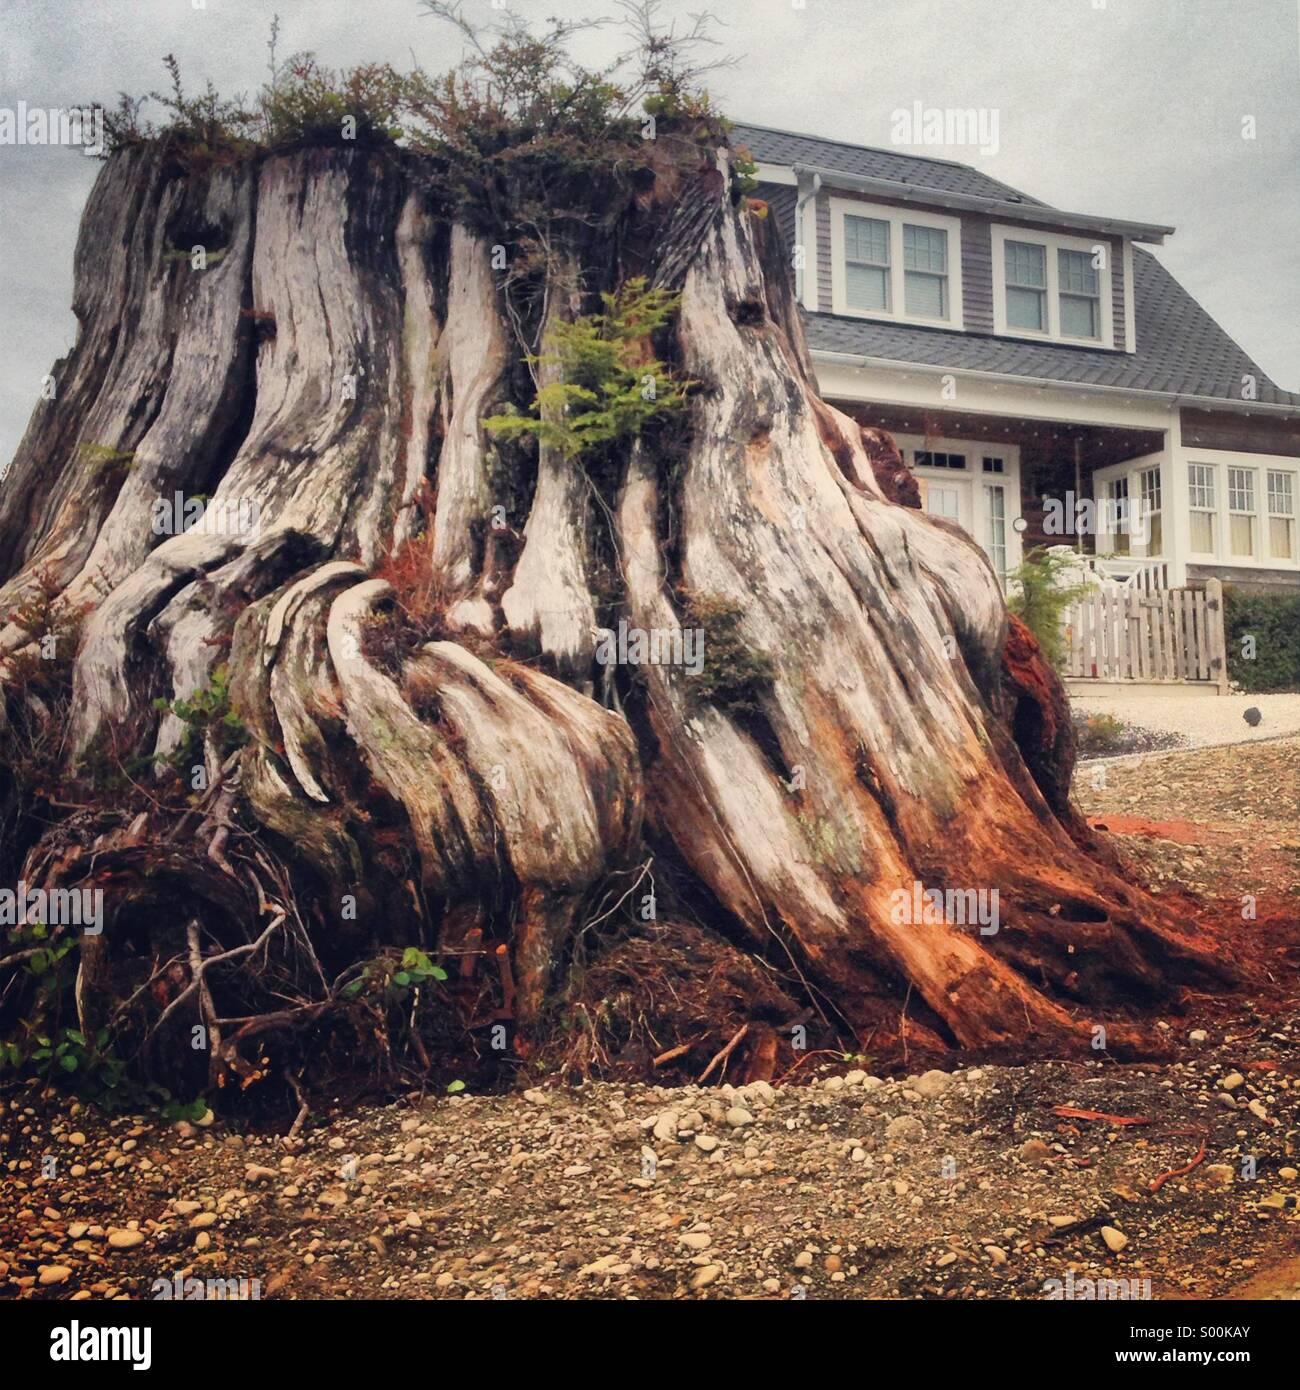 Old Growth Baumstumpf neben einem neu gebauten Haus Stockbild